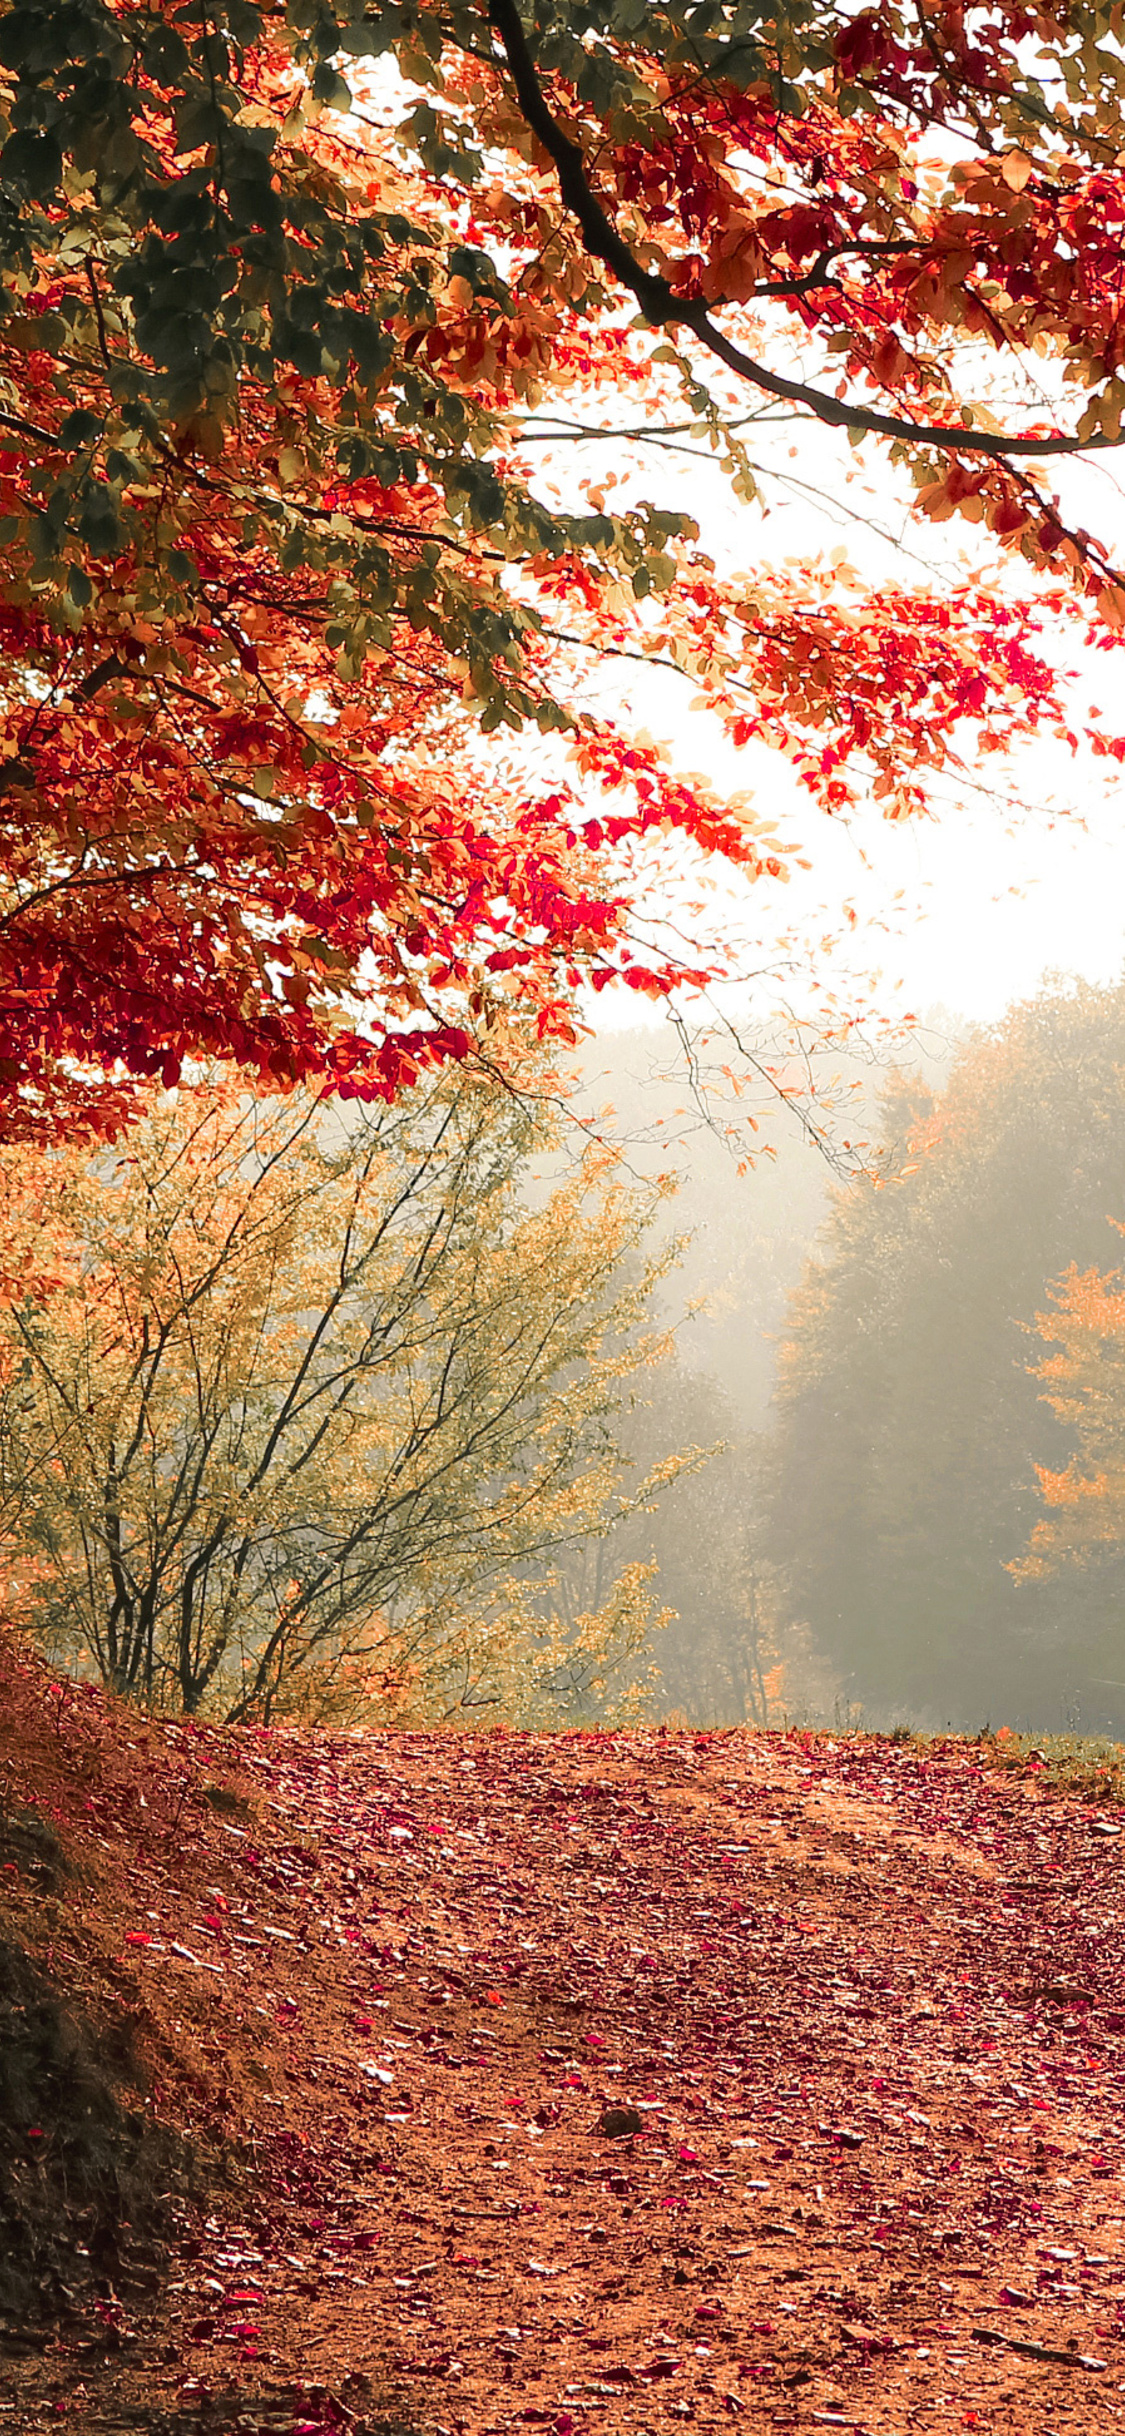 1125x2436 Autumn Tree Fall 4k Iphone Xs Iphone 10 Iphone X